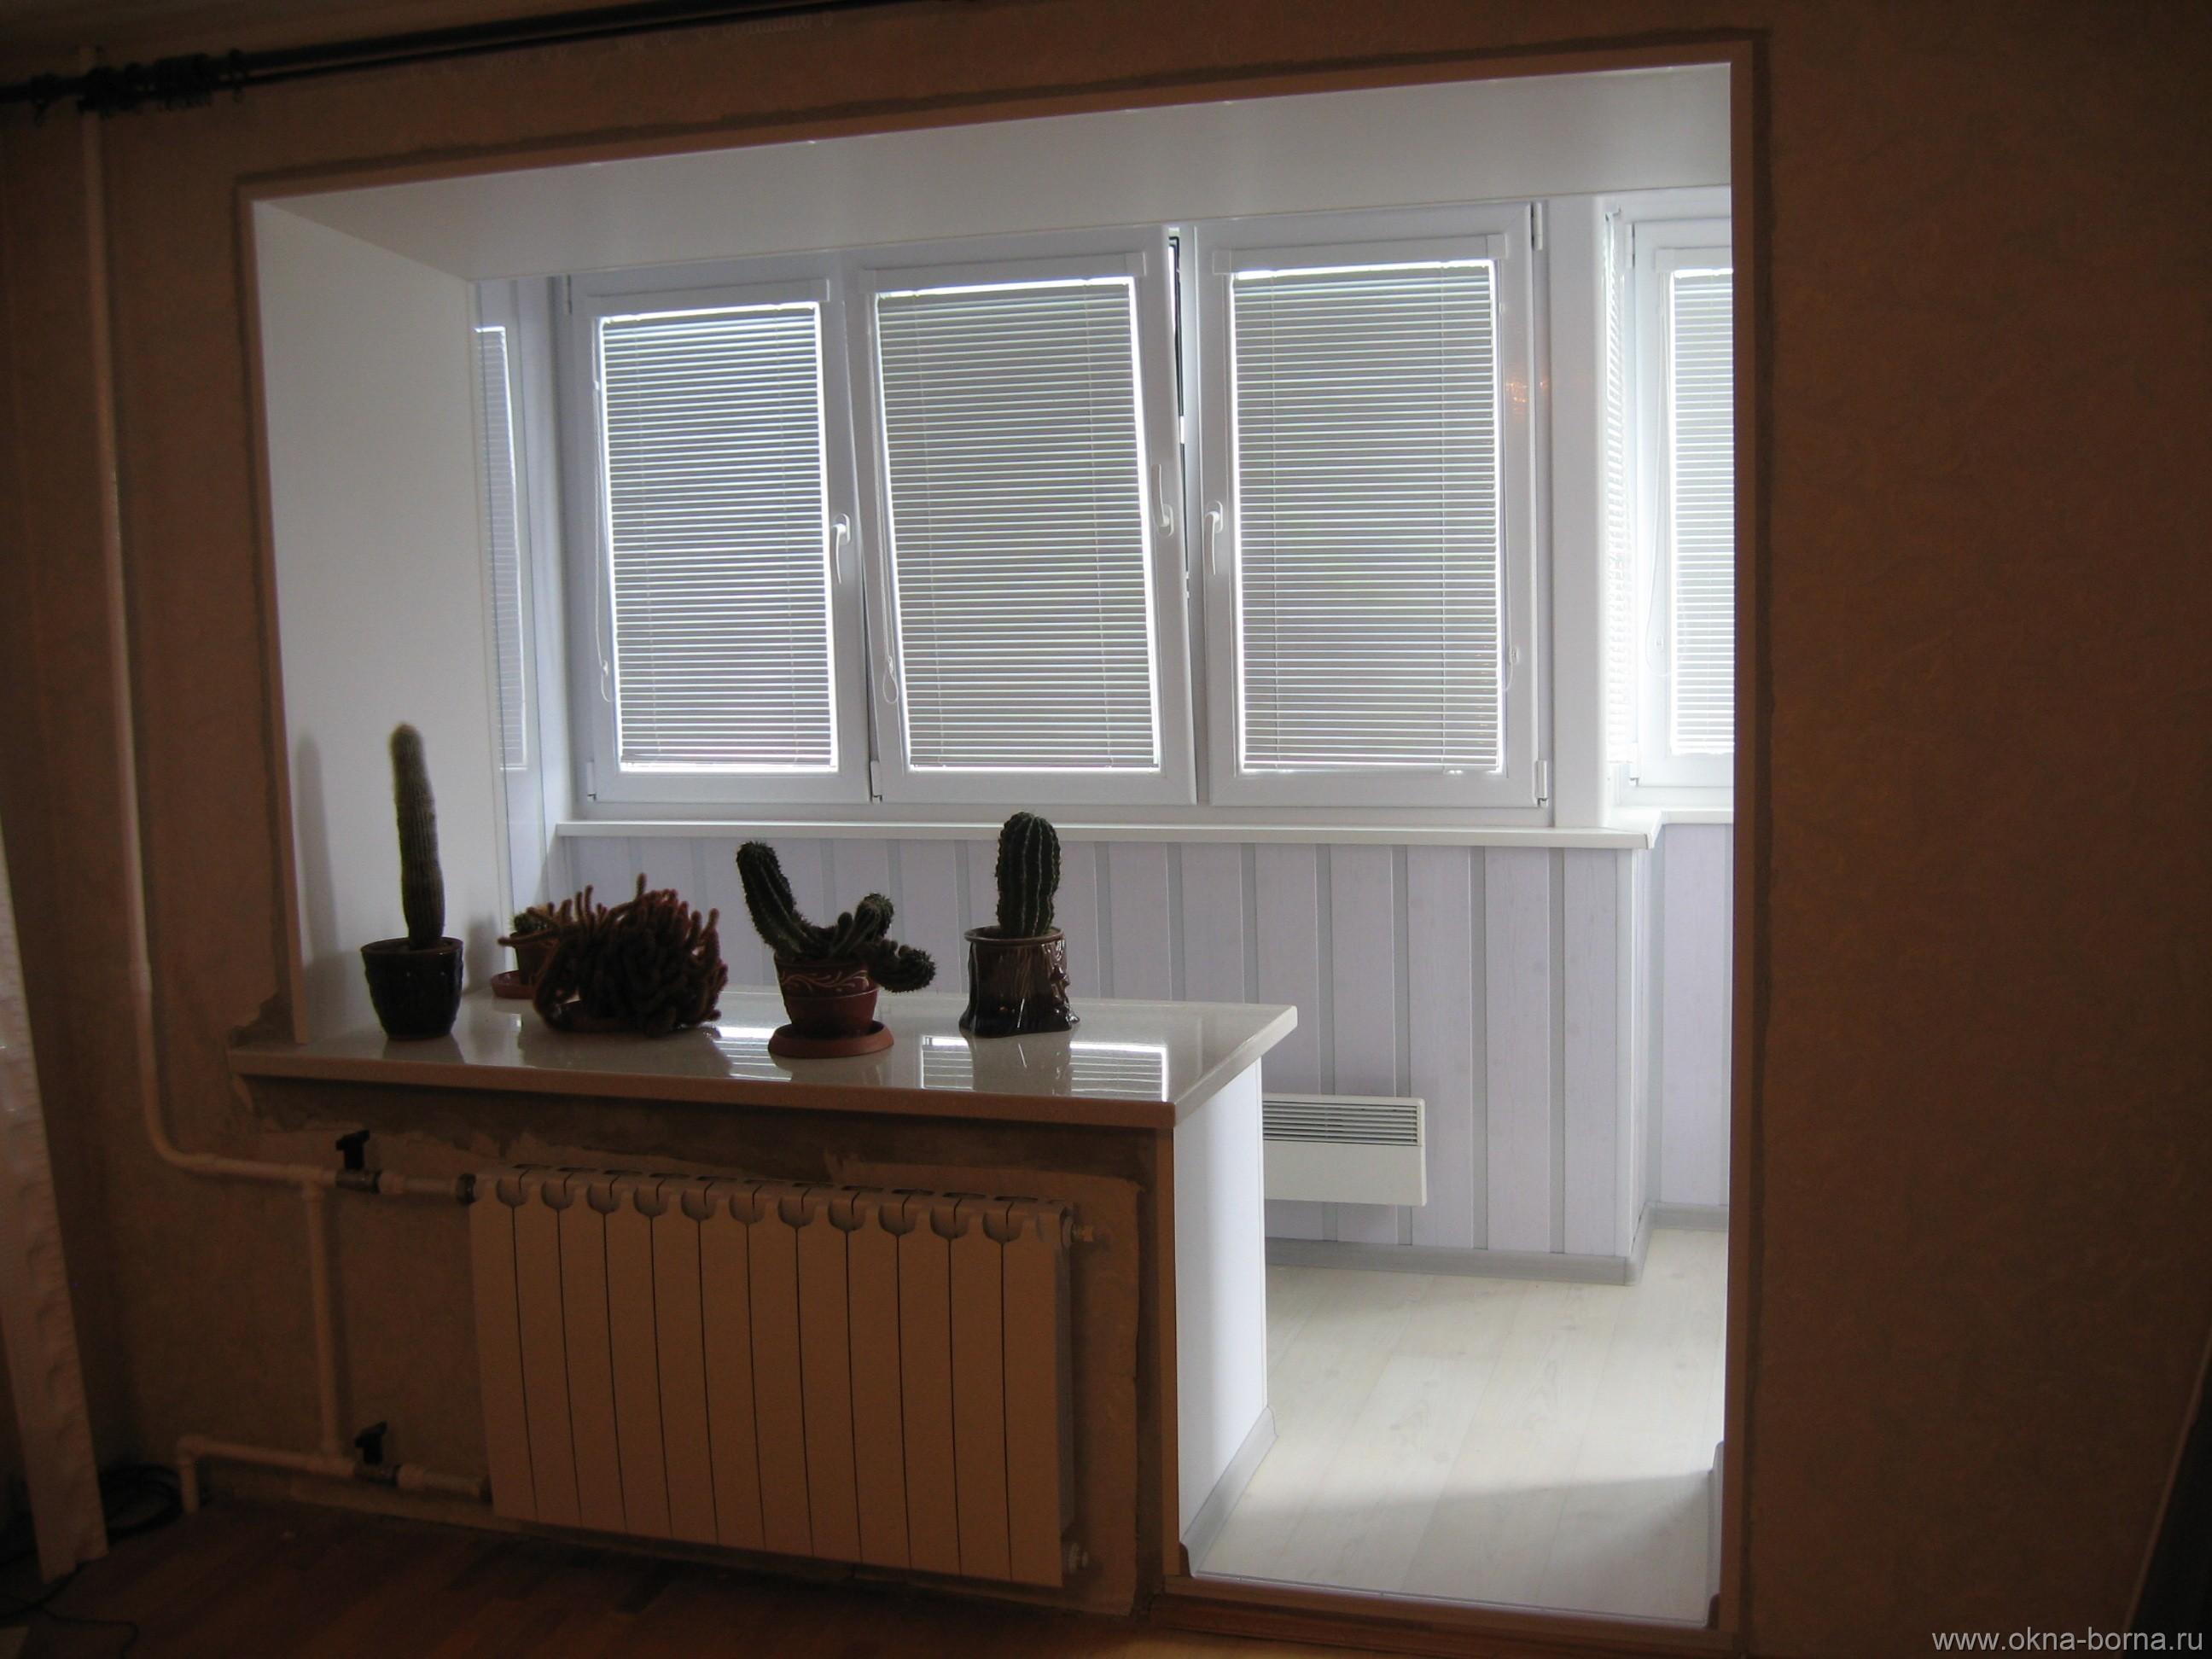 Балкон совмещенный с комнатой в хрущевке вагонке.